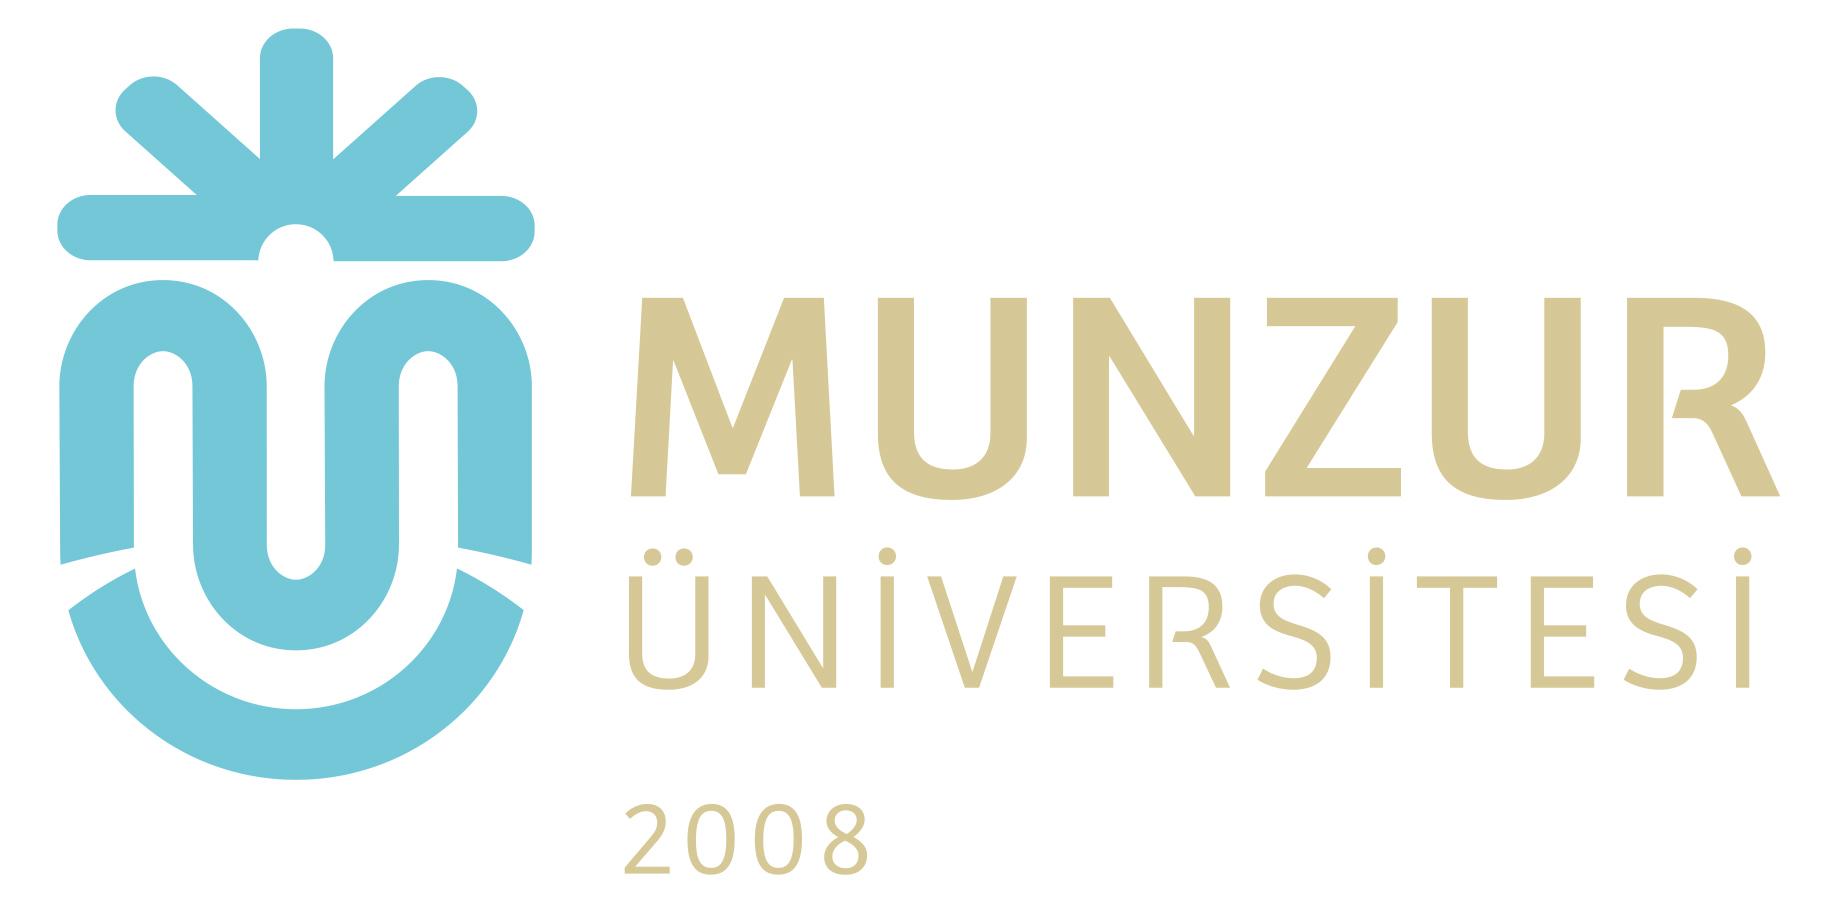 TUAS | MUNZUR UNIVERSITY